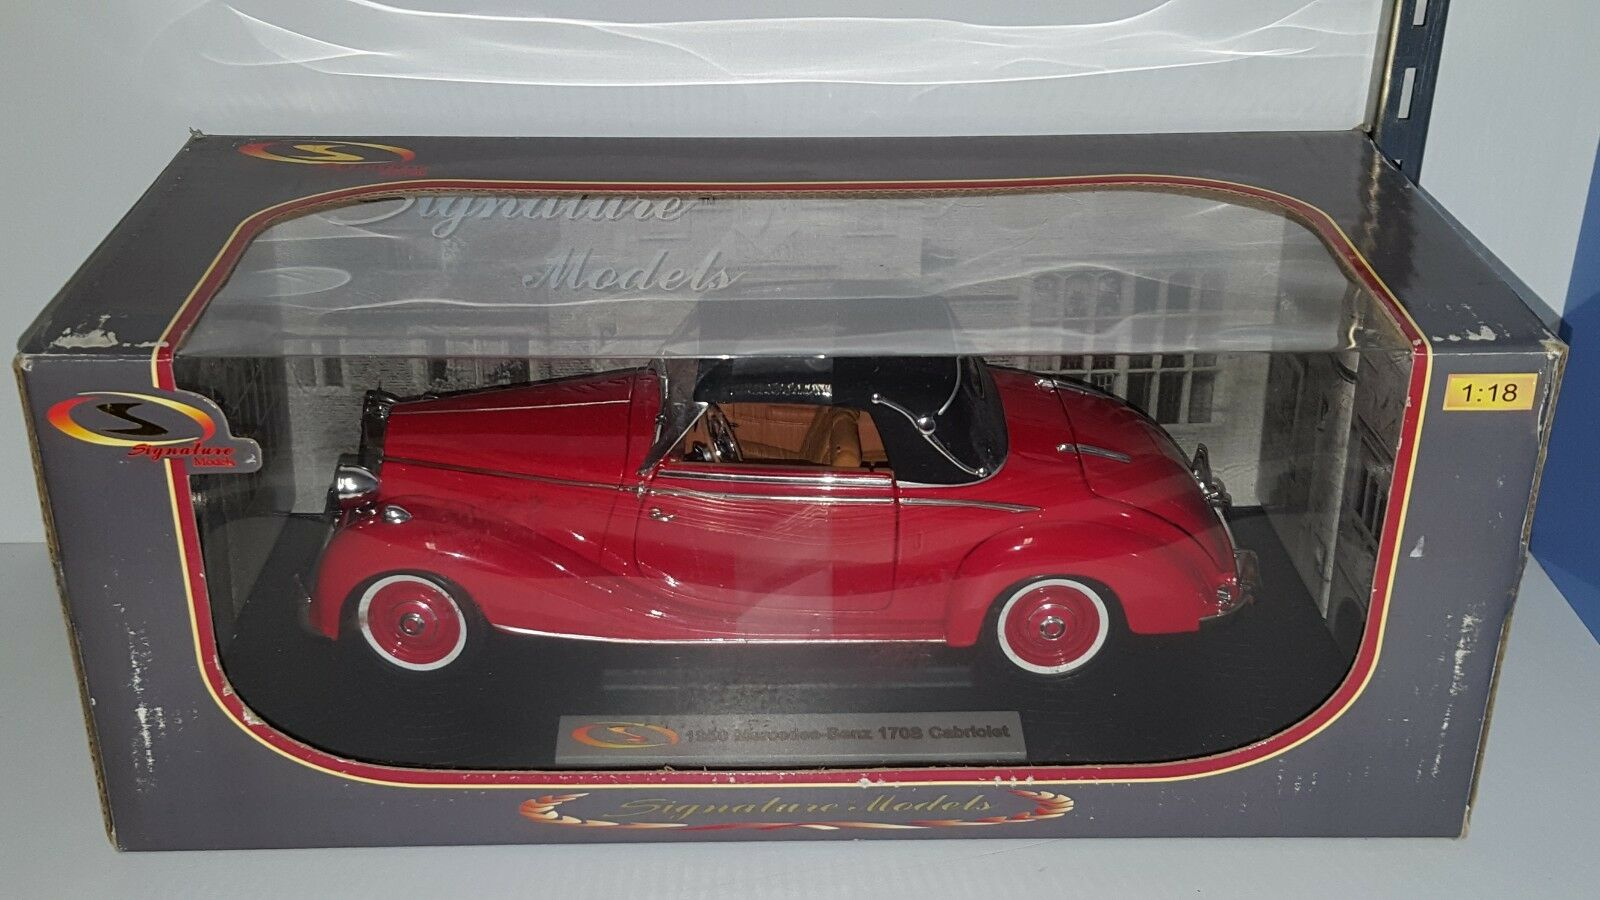 Los modelos de firma 1 18 1950 Mercedes-Benz 170S Cabrio rosso YD